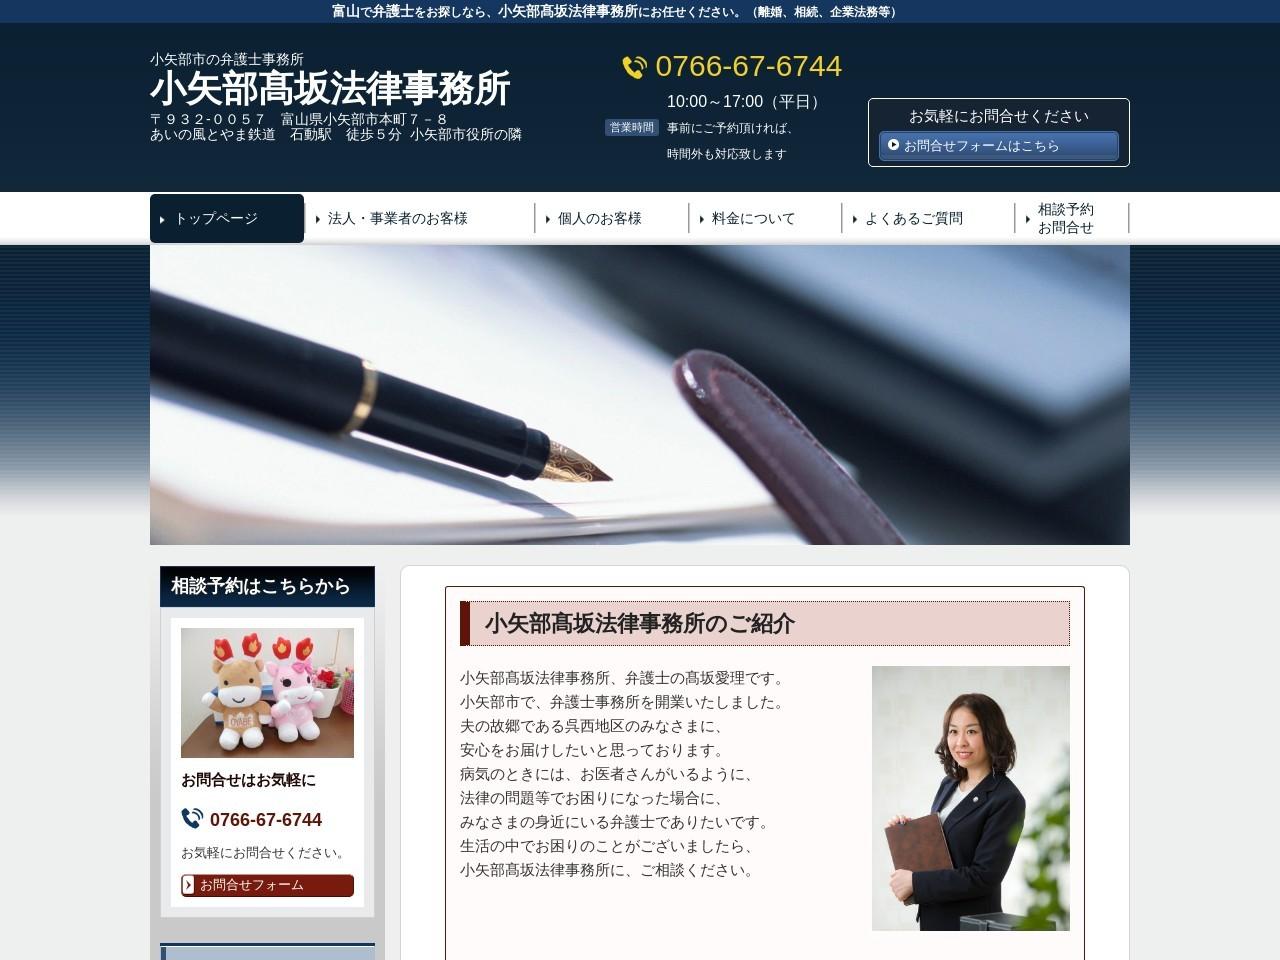 小矢部髙坂法律事務所